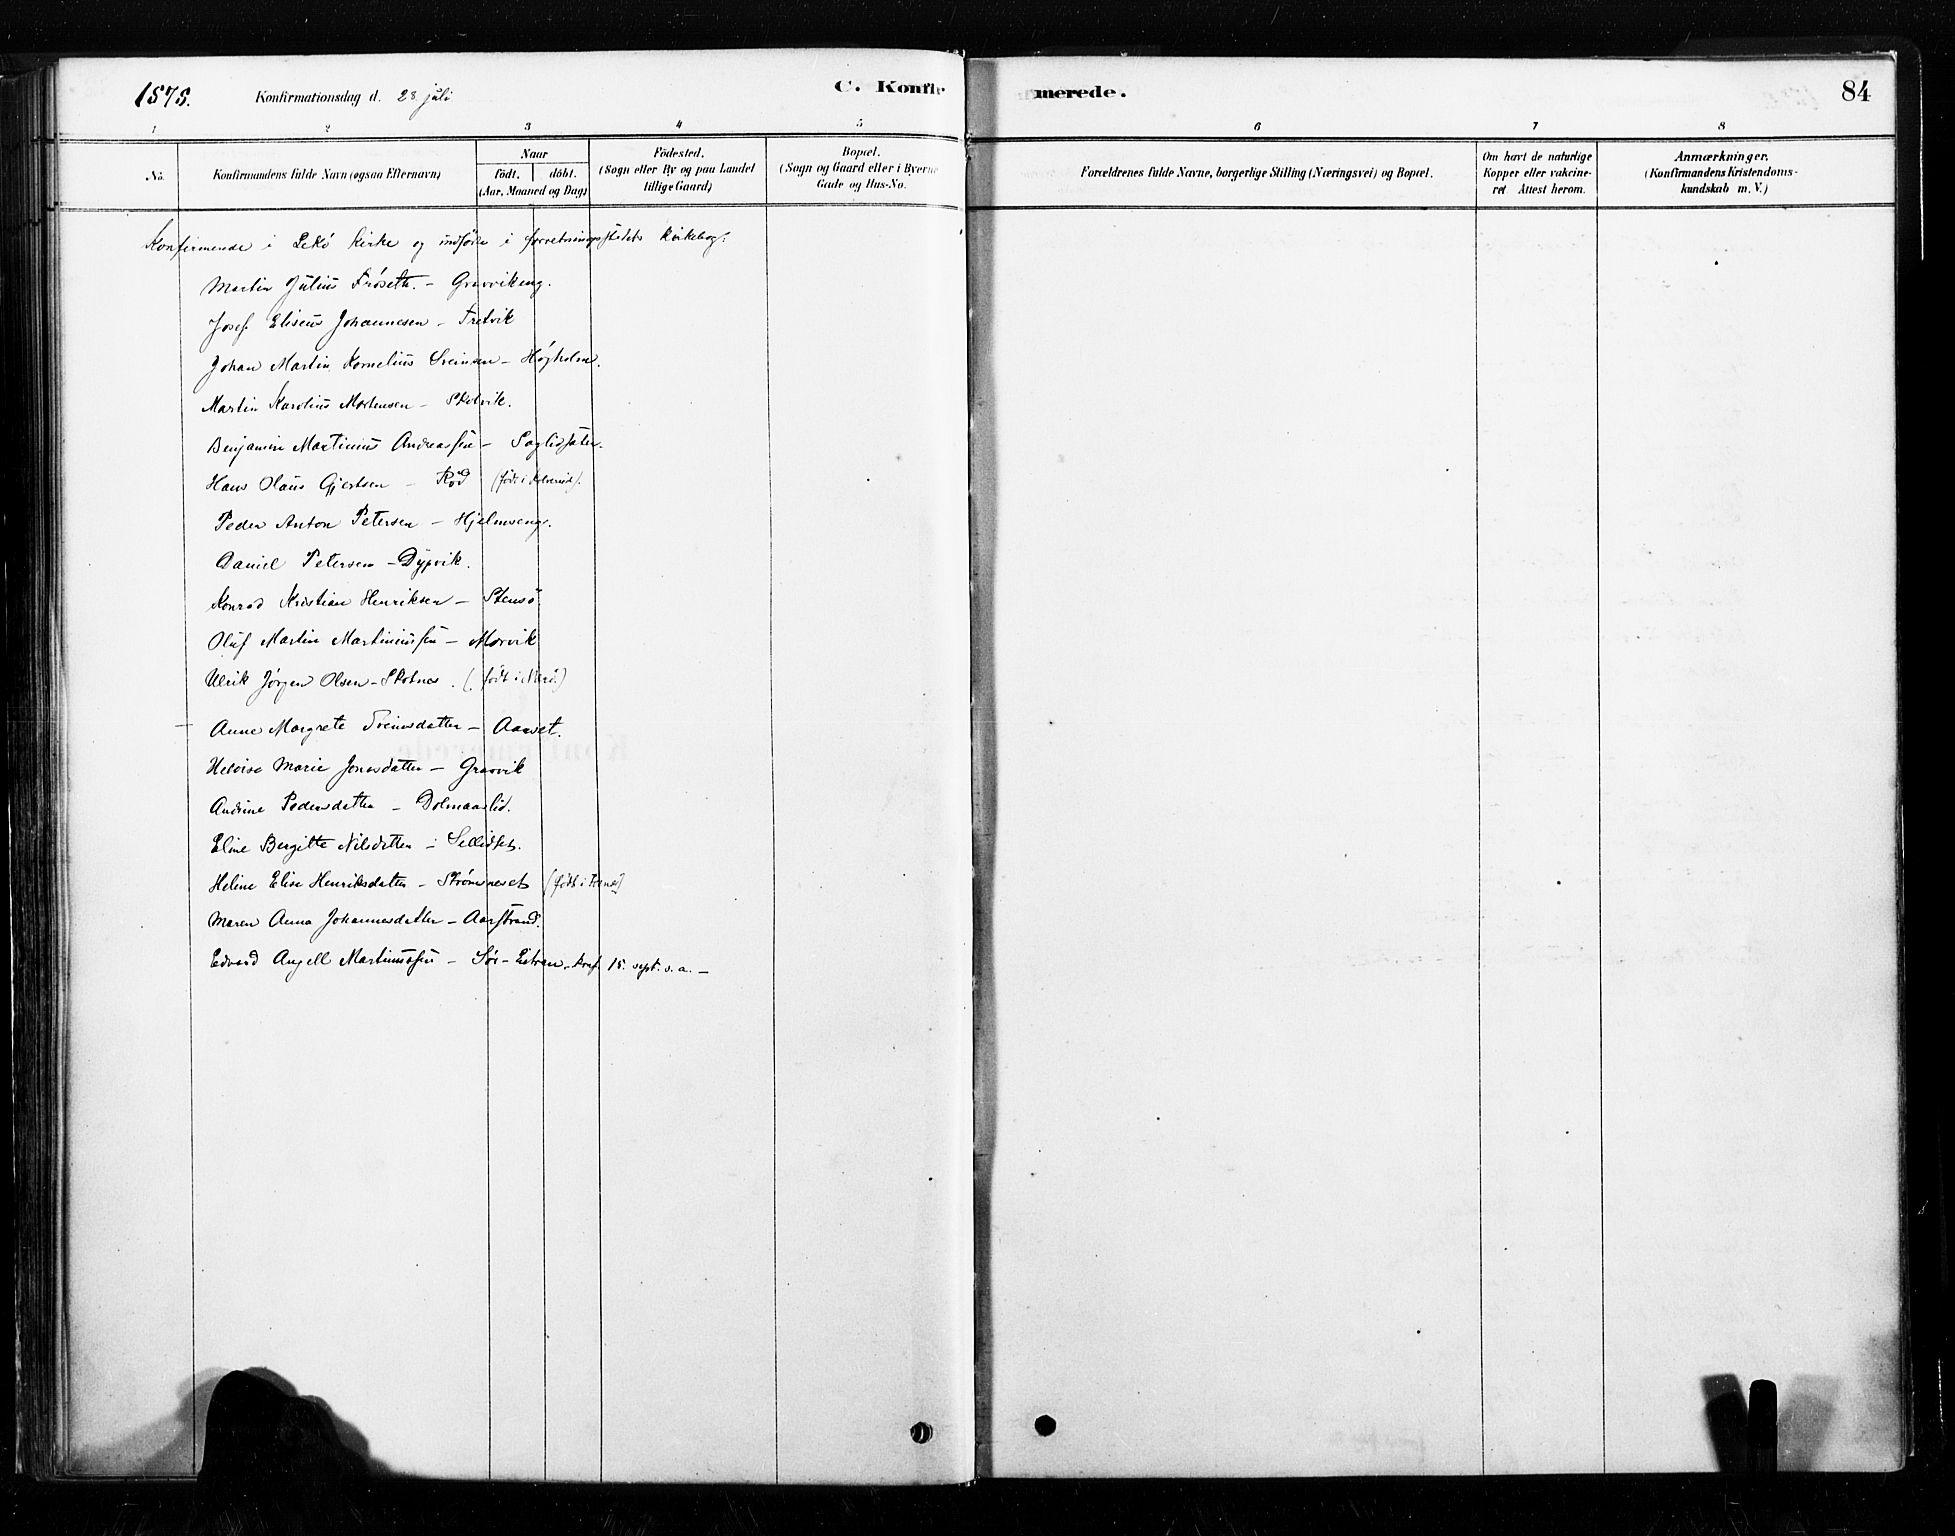 SAT, Ministerialprotokoller, klokkerbøker og fødselsregistre - Nord-Trøndelag, 789/L0705: Ministerialbok nr. 789A01, 1878-1910, s. 84